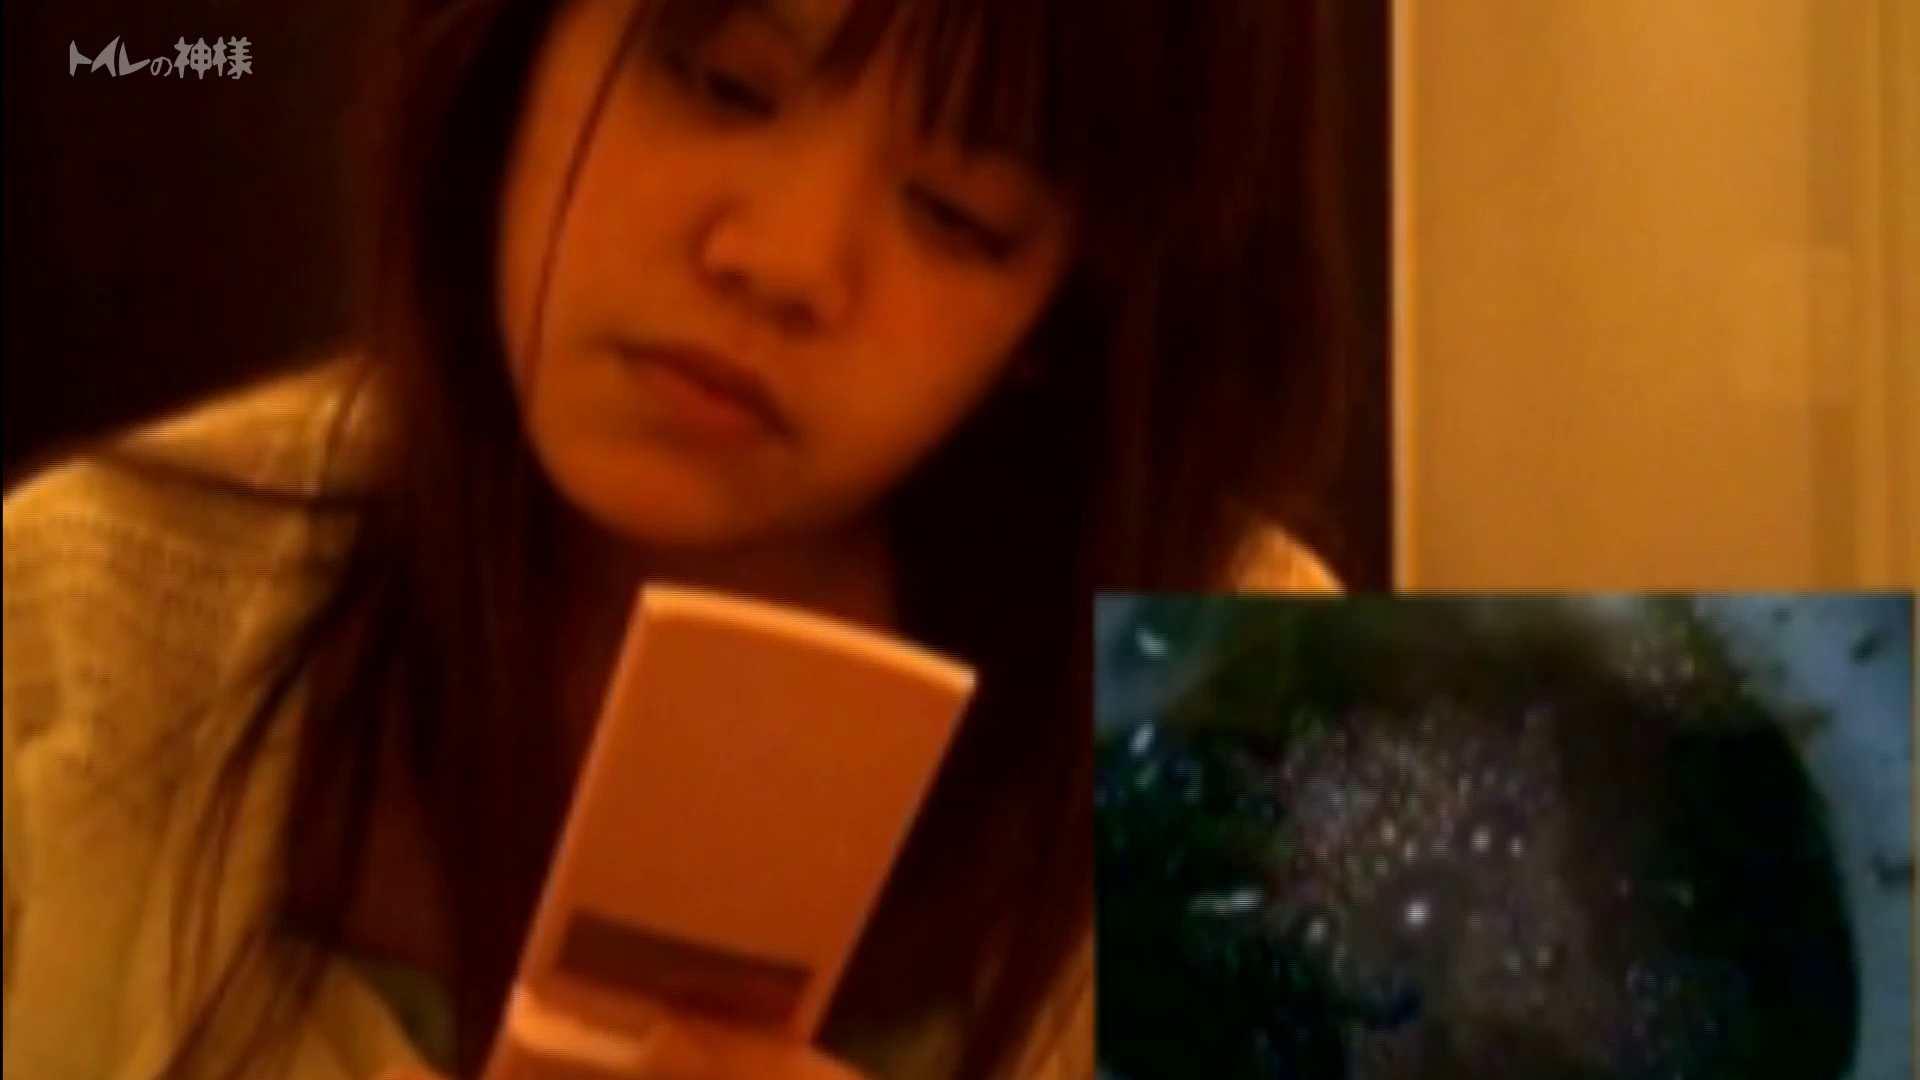 トイレの神様 Vol.03 彼女のうんち隠し撮り OLのボディ | トイレの実態  81PIX 49